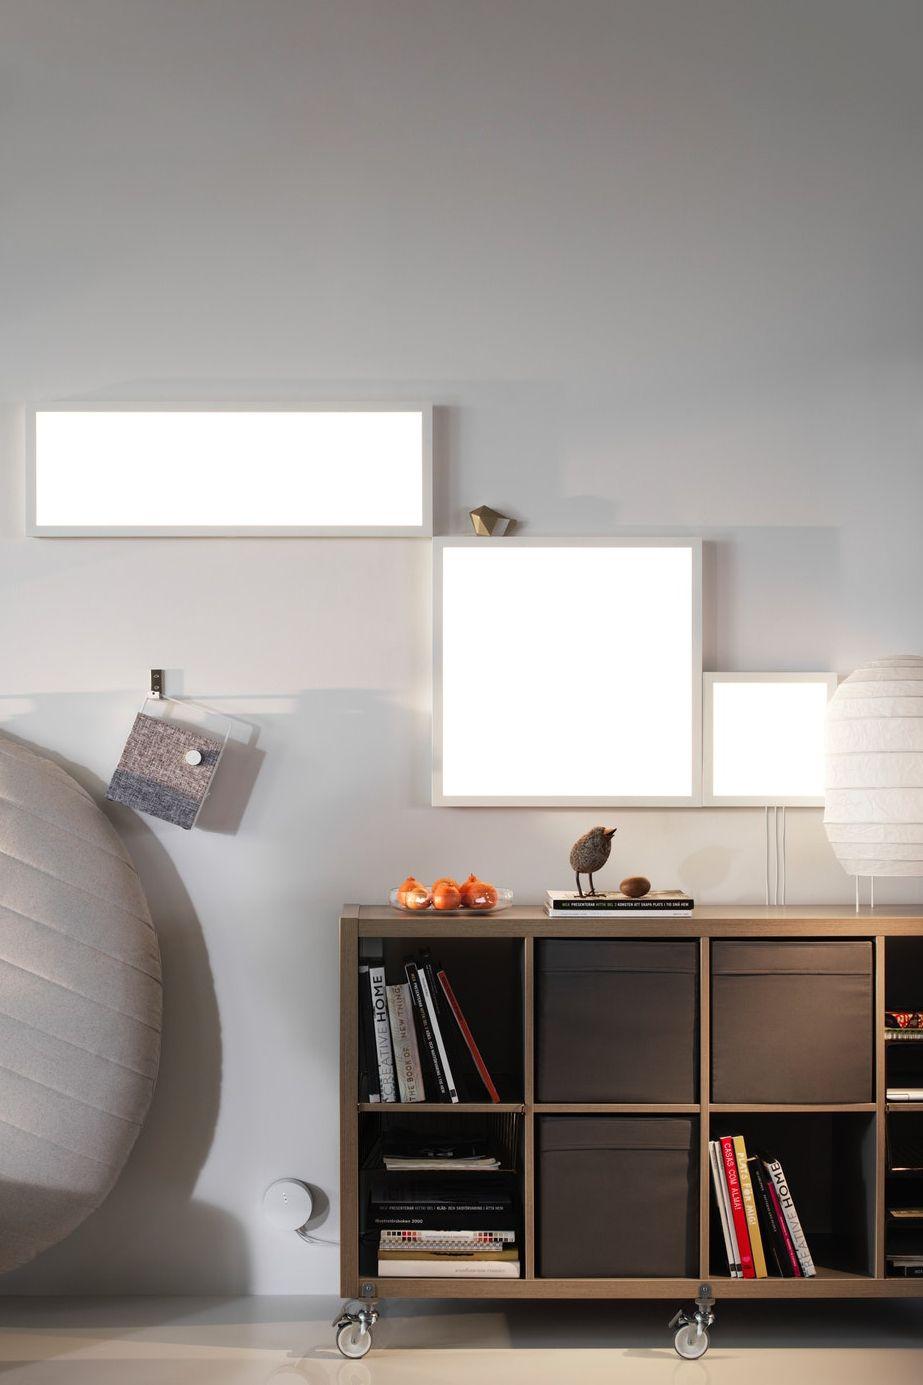 Ikea Deutschland Ob Eins Oder Mehrere Lichtpaneele Bringen Helligkeit In Die Dunkelsten Winkel Und Sie Lassen Sich Pe Intelligentes Haus Led Ikea